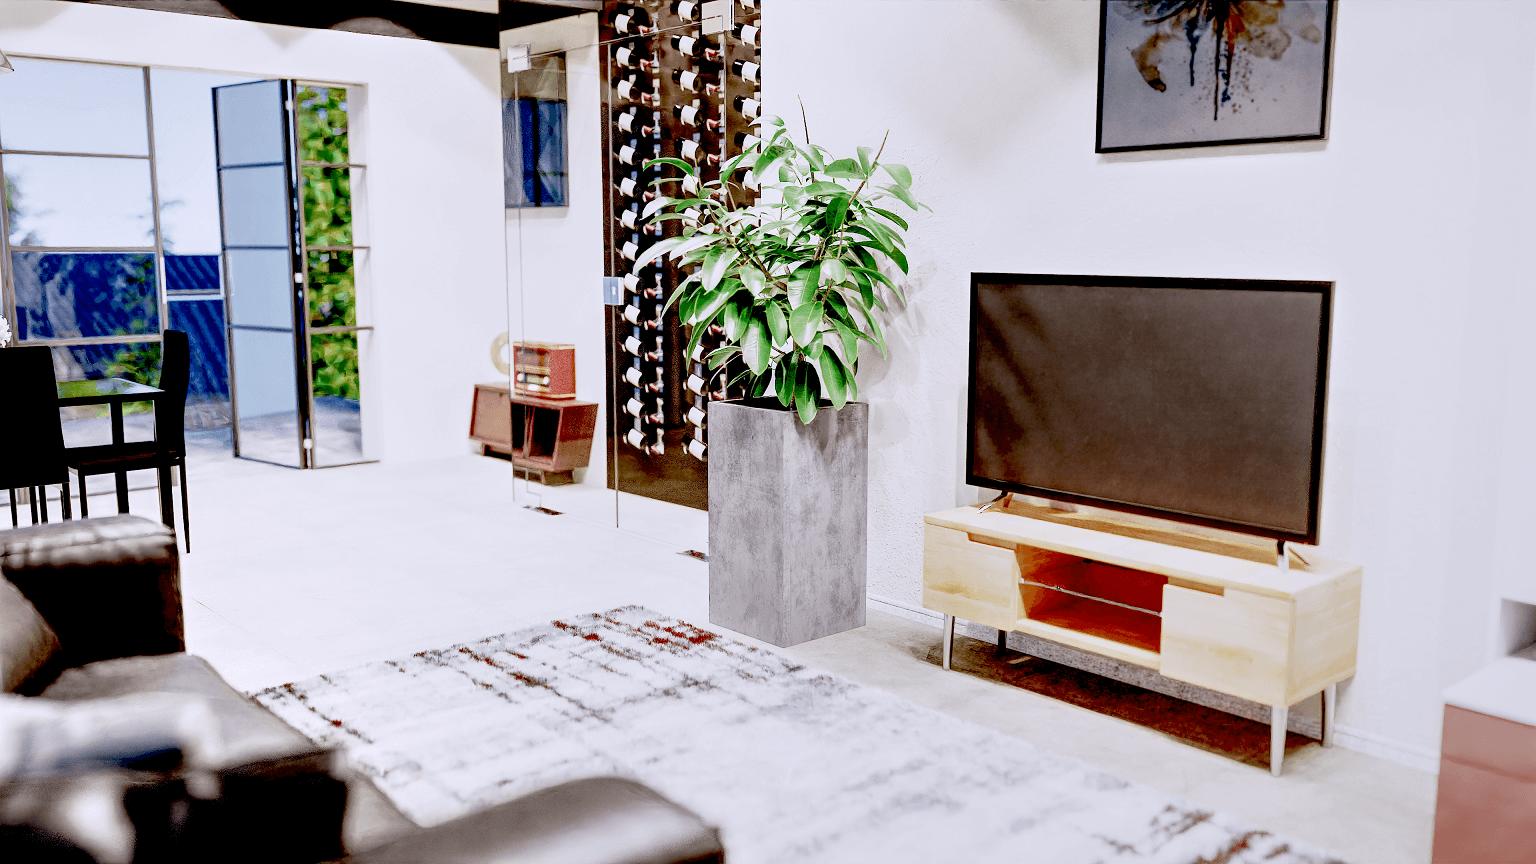 wizualizacja 3D donicy betonowej w aranażacji salonu